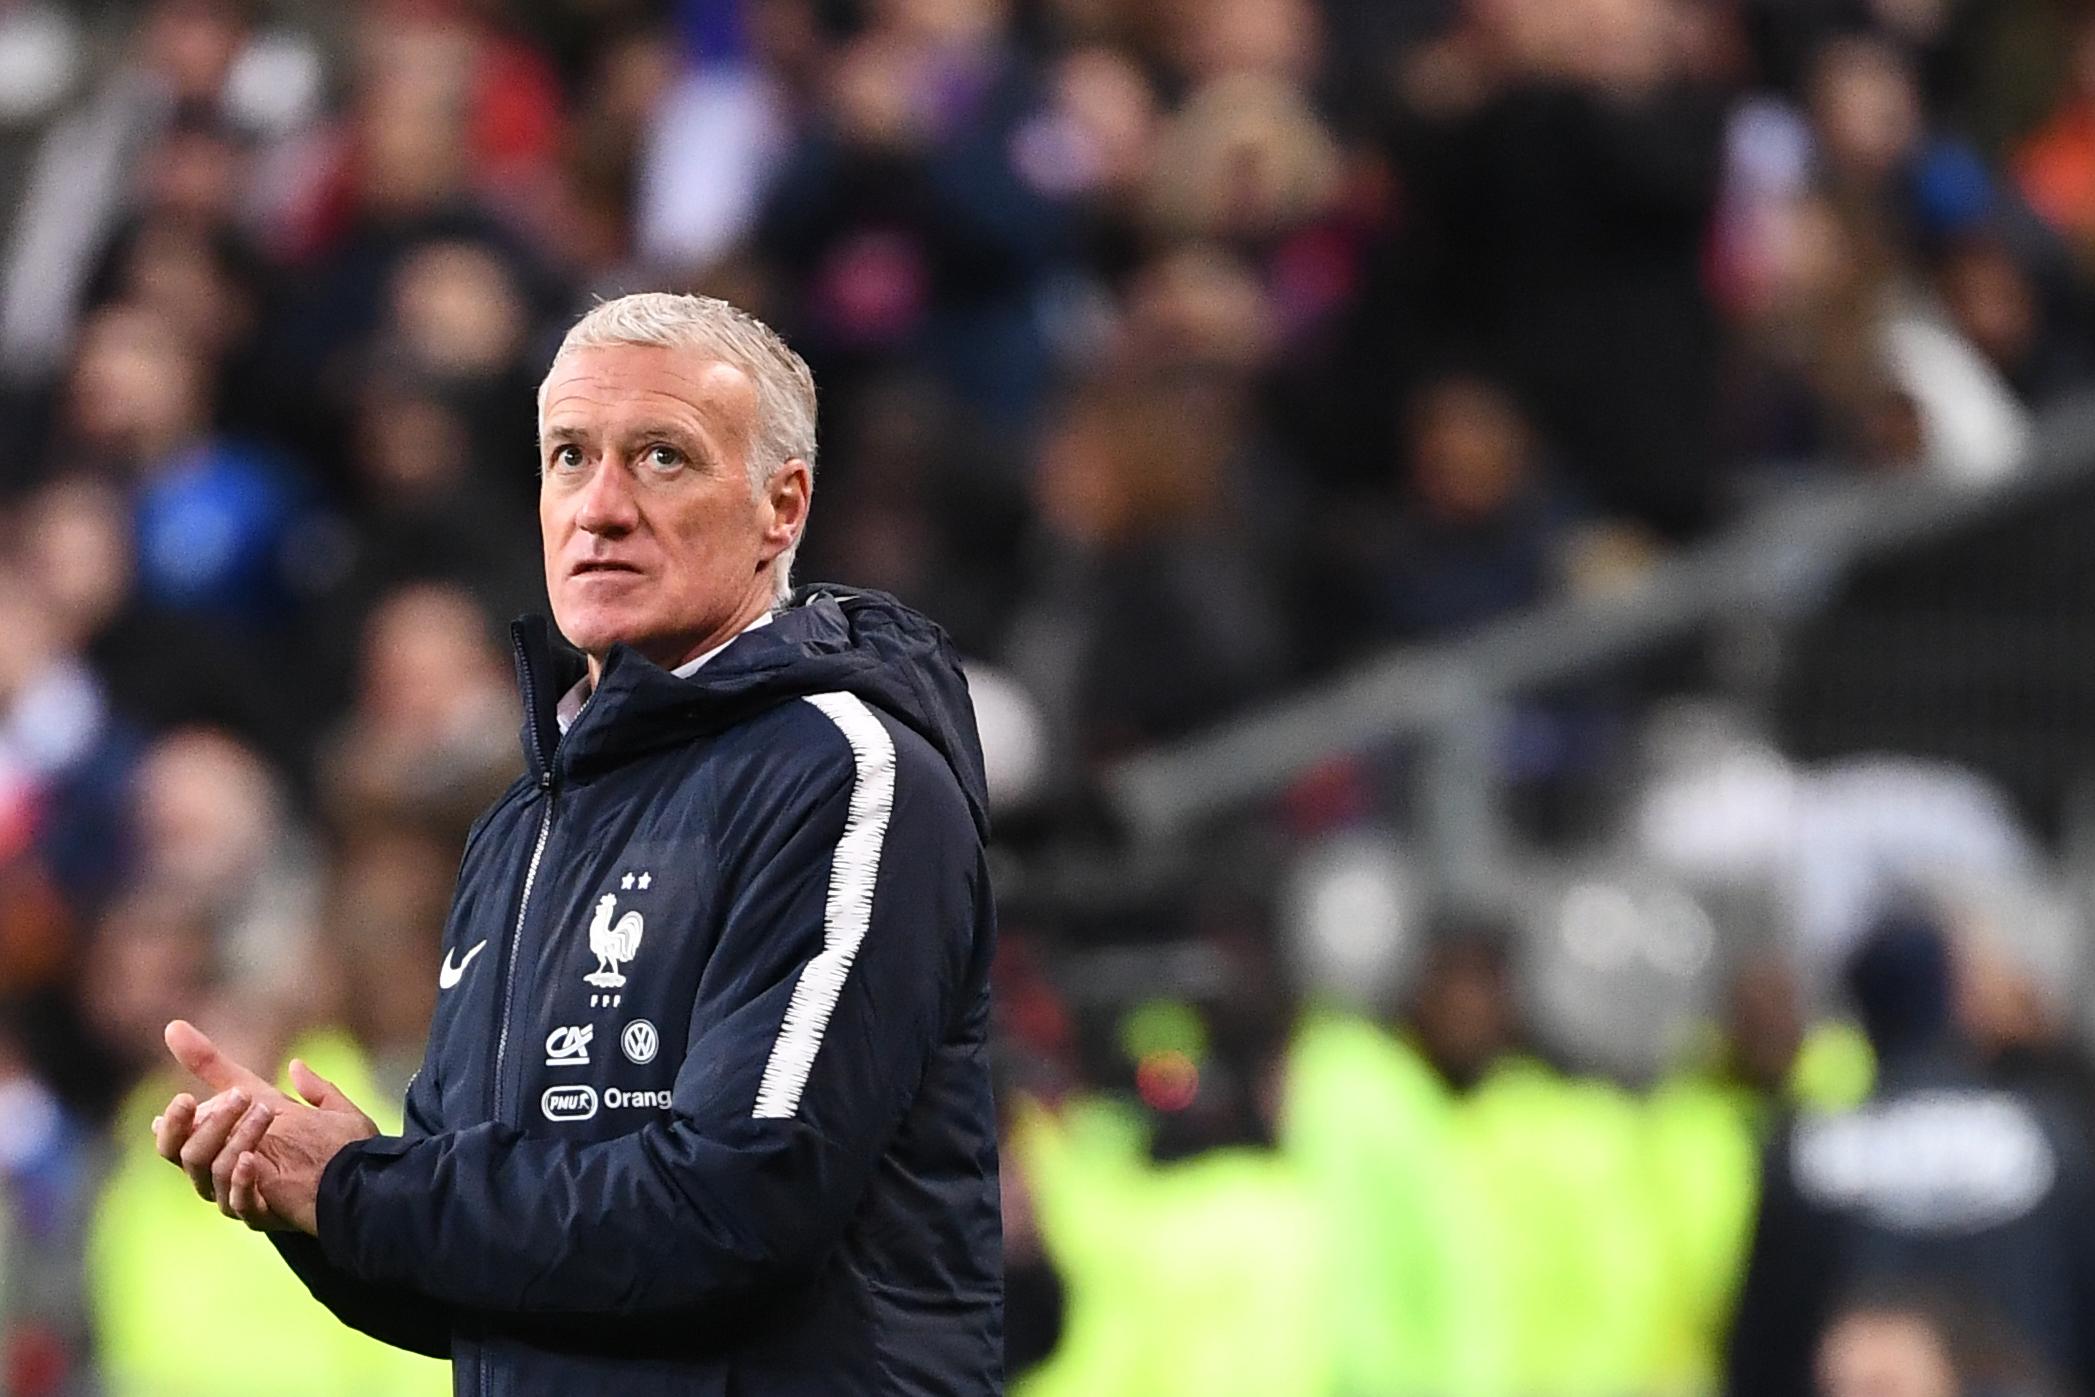 Euro 2020 - Equipe de France : La date de la prochaine liste pour affronter l'Albanie et Andorre connue